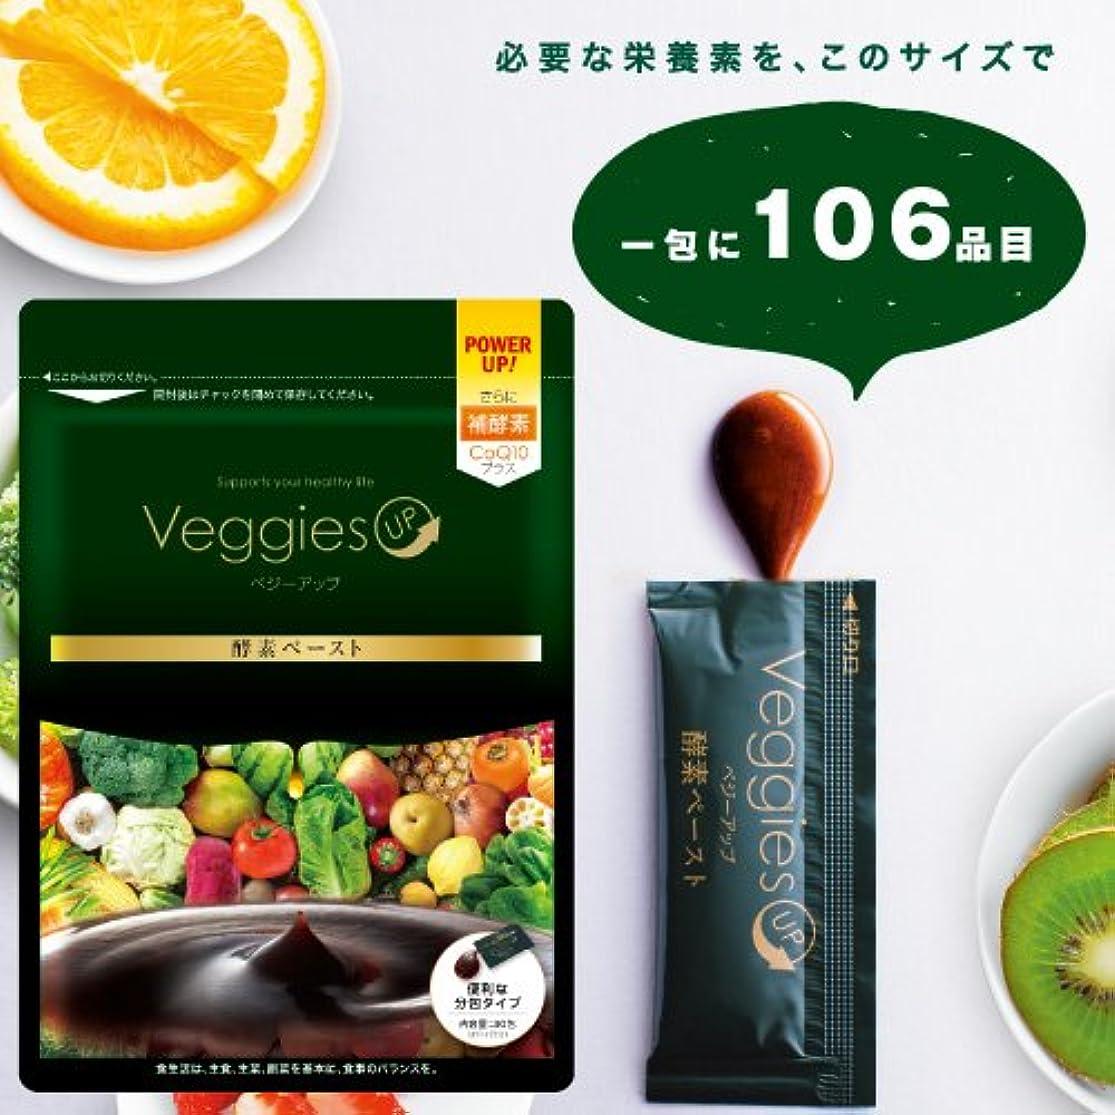 常習者通訳勧告ベジーアップ酵素ペースト 90g [3g×30包] ダイエット オリゴ糖 イヌリン コエンザイムQ10 黒ウコン 健康